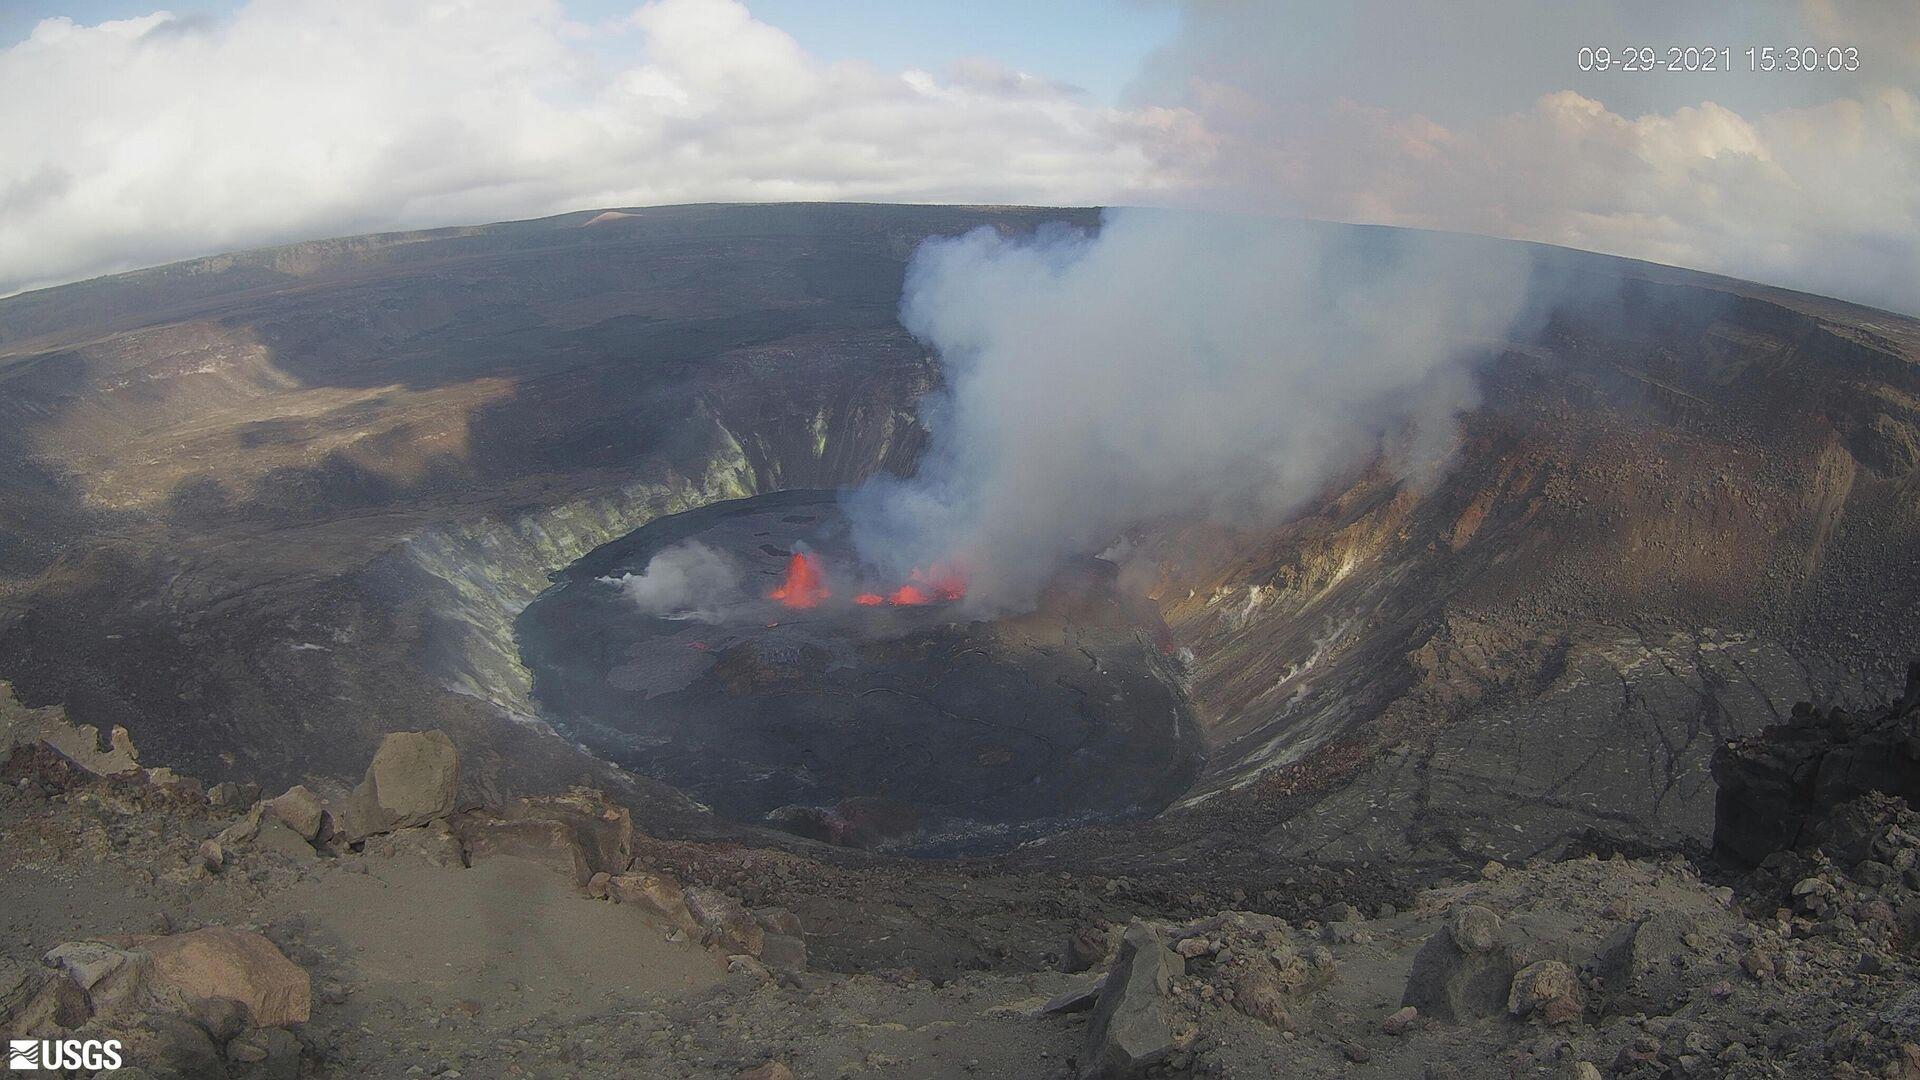 Erupción del volcán Kilauea en Hawái - Sputnik Mundo, 1920, 30.09.2021